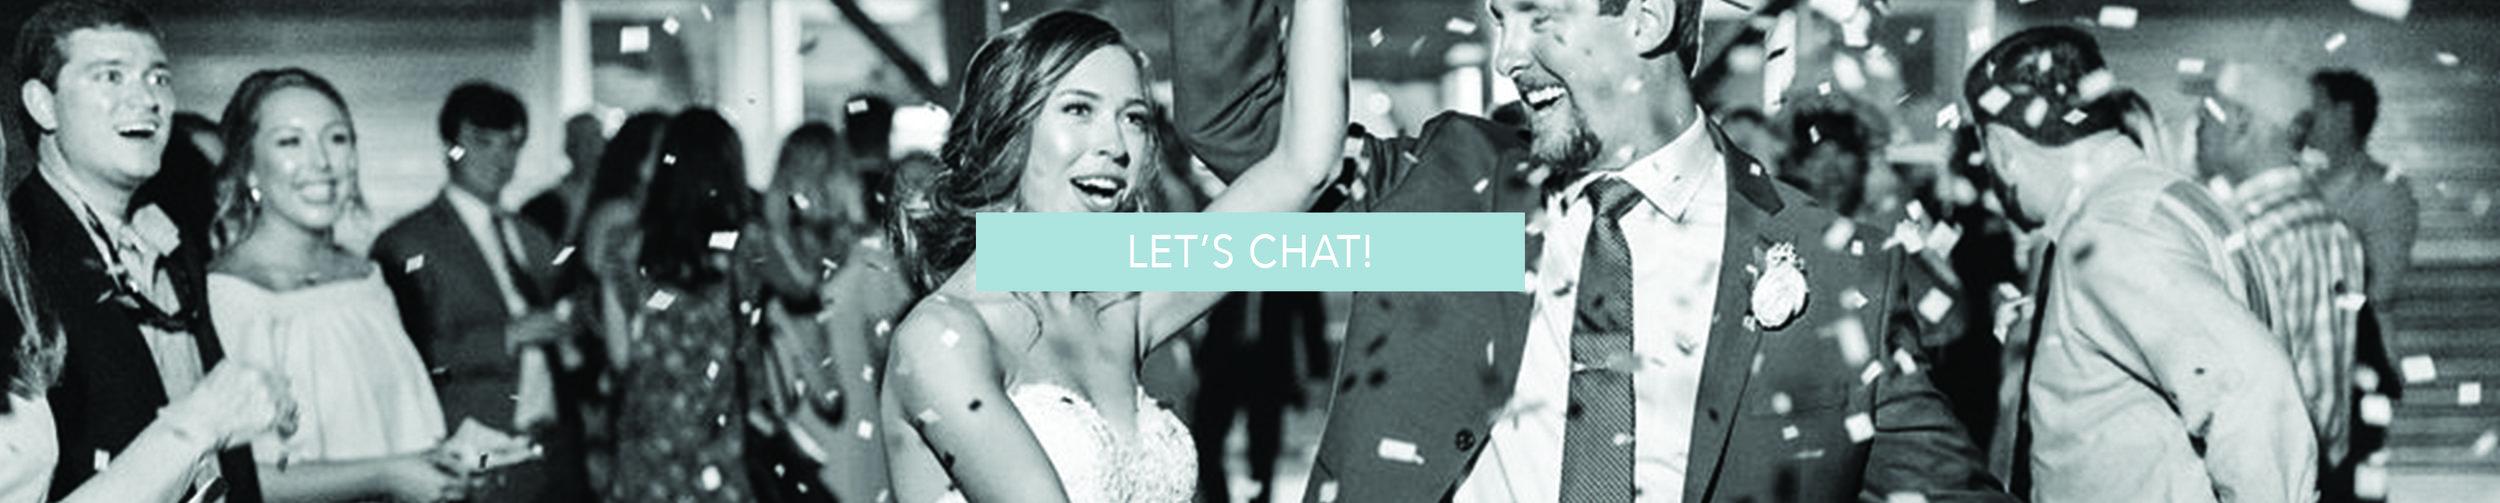 Wedding-Chat.jpg